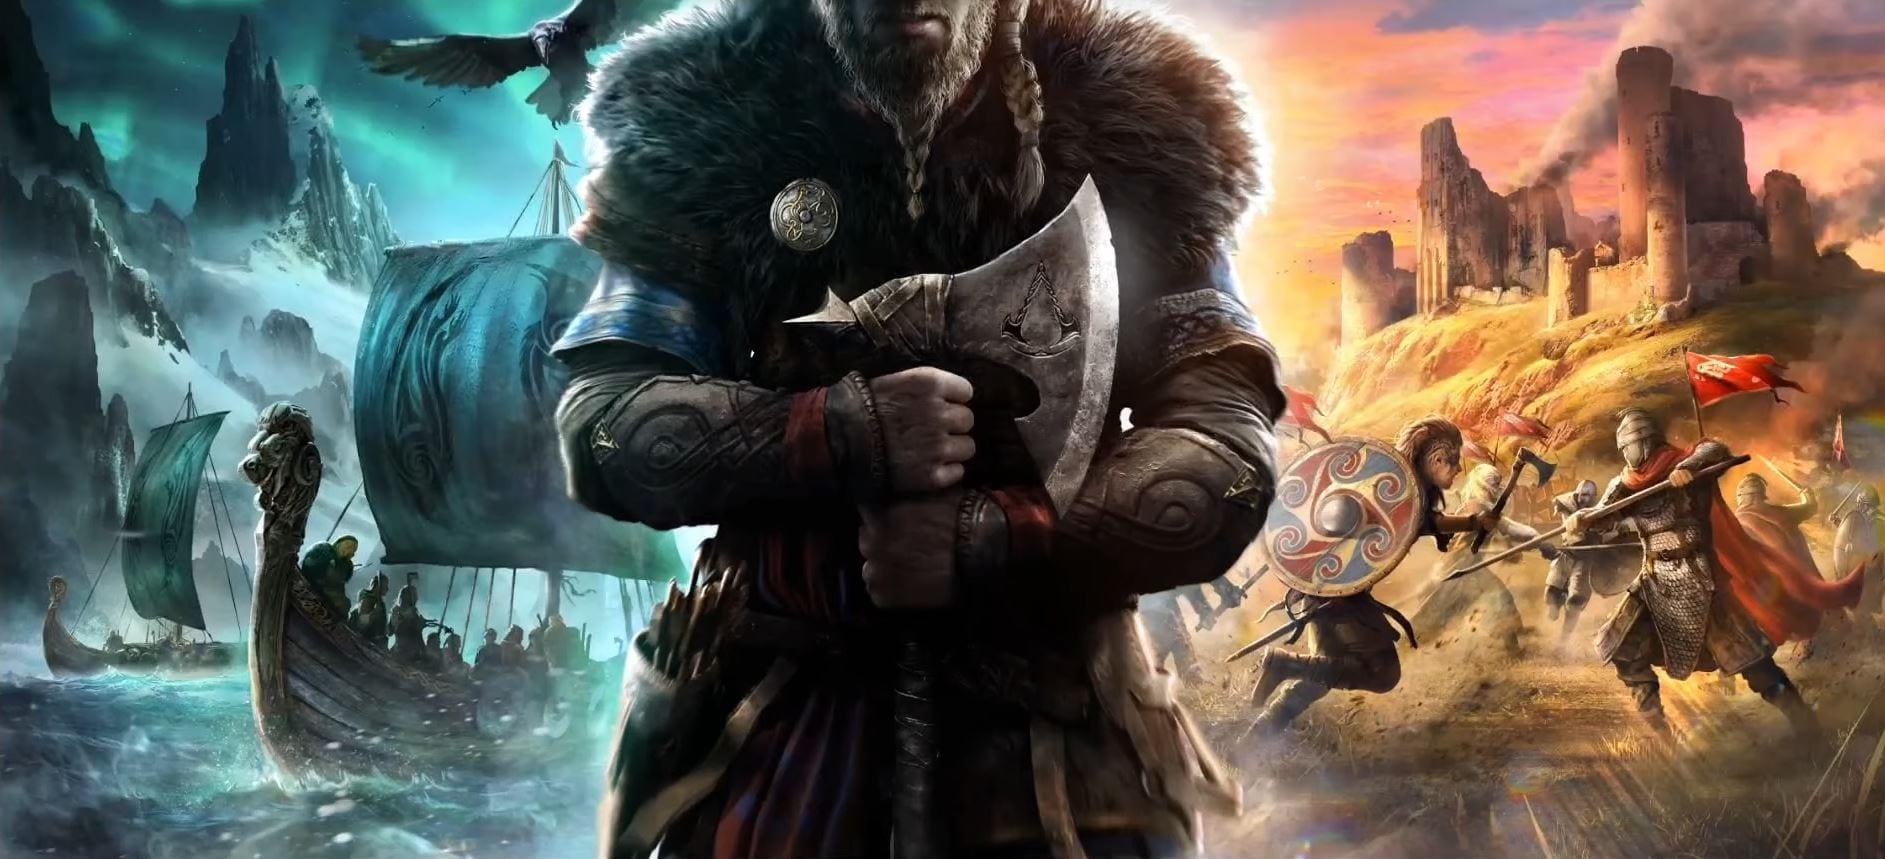 Теперь про викингов: Ubisoft анонсировала новую часть Assassin's Creed под названием Valhalla